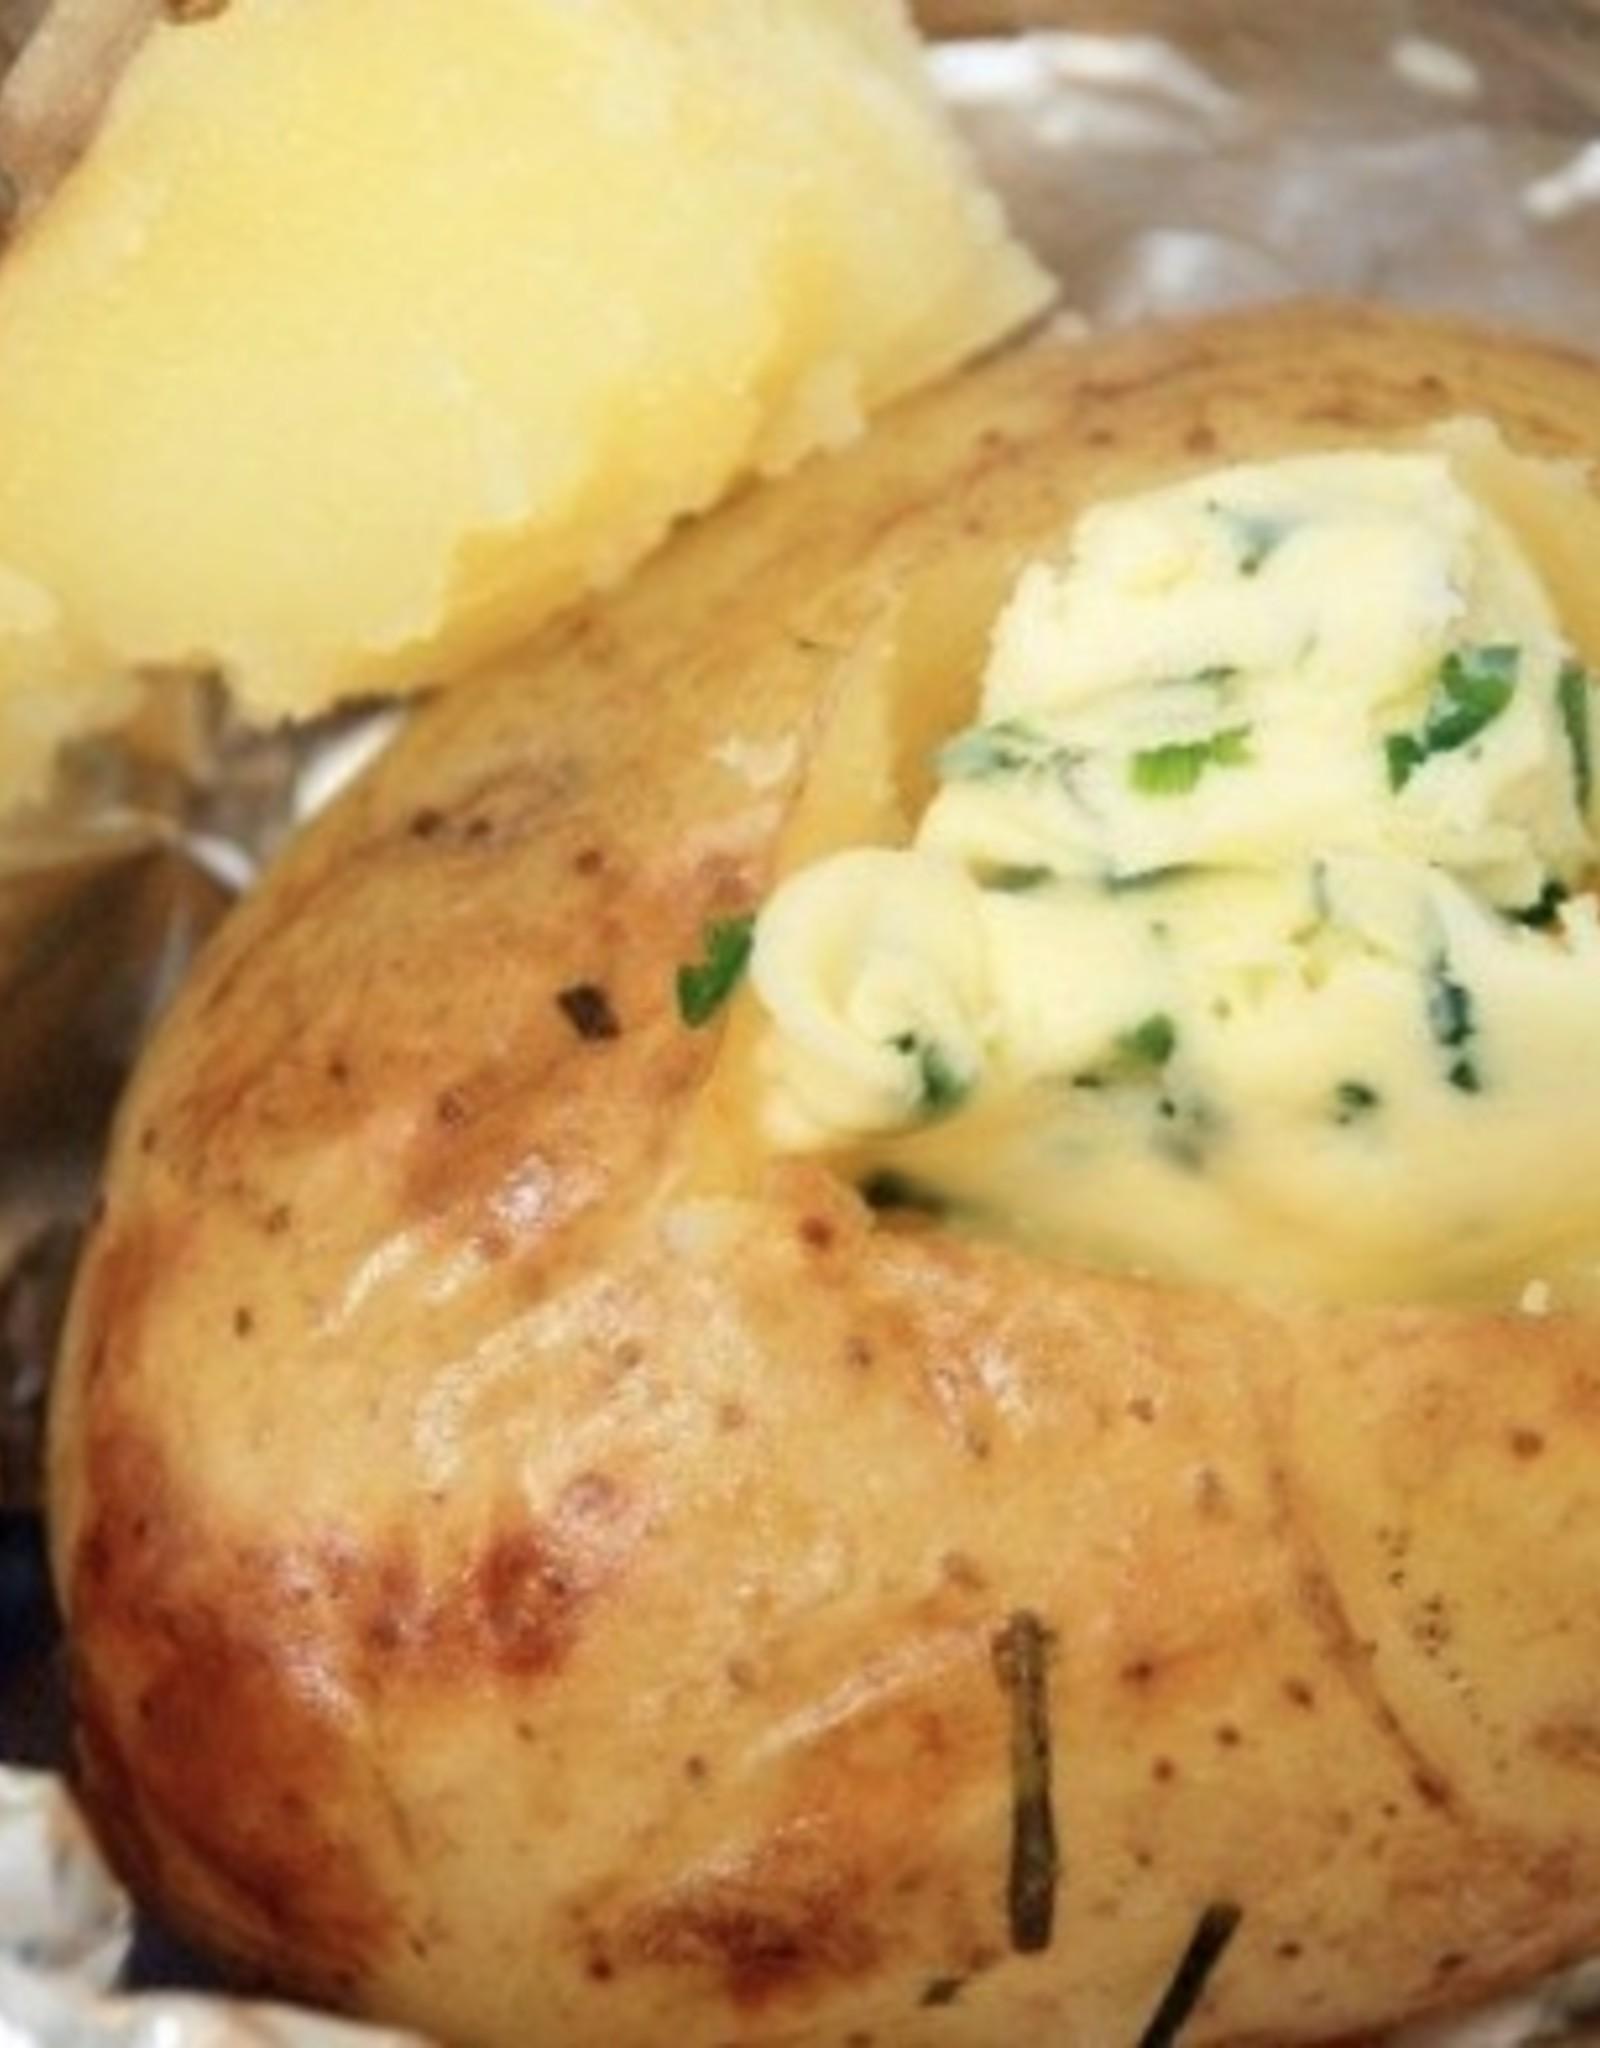 gepofte aardappel met lookboter